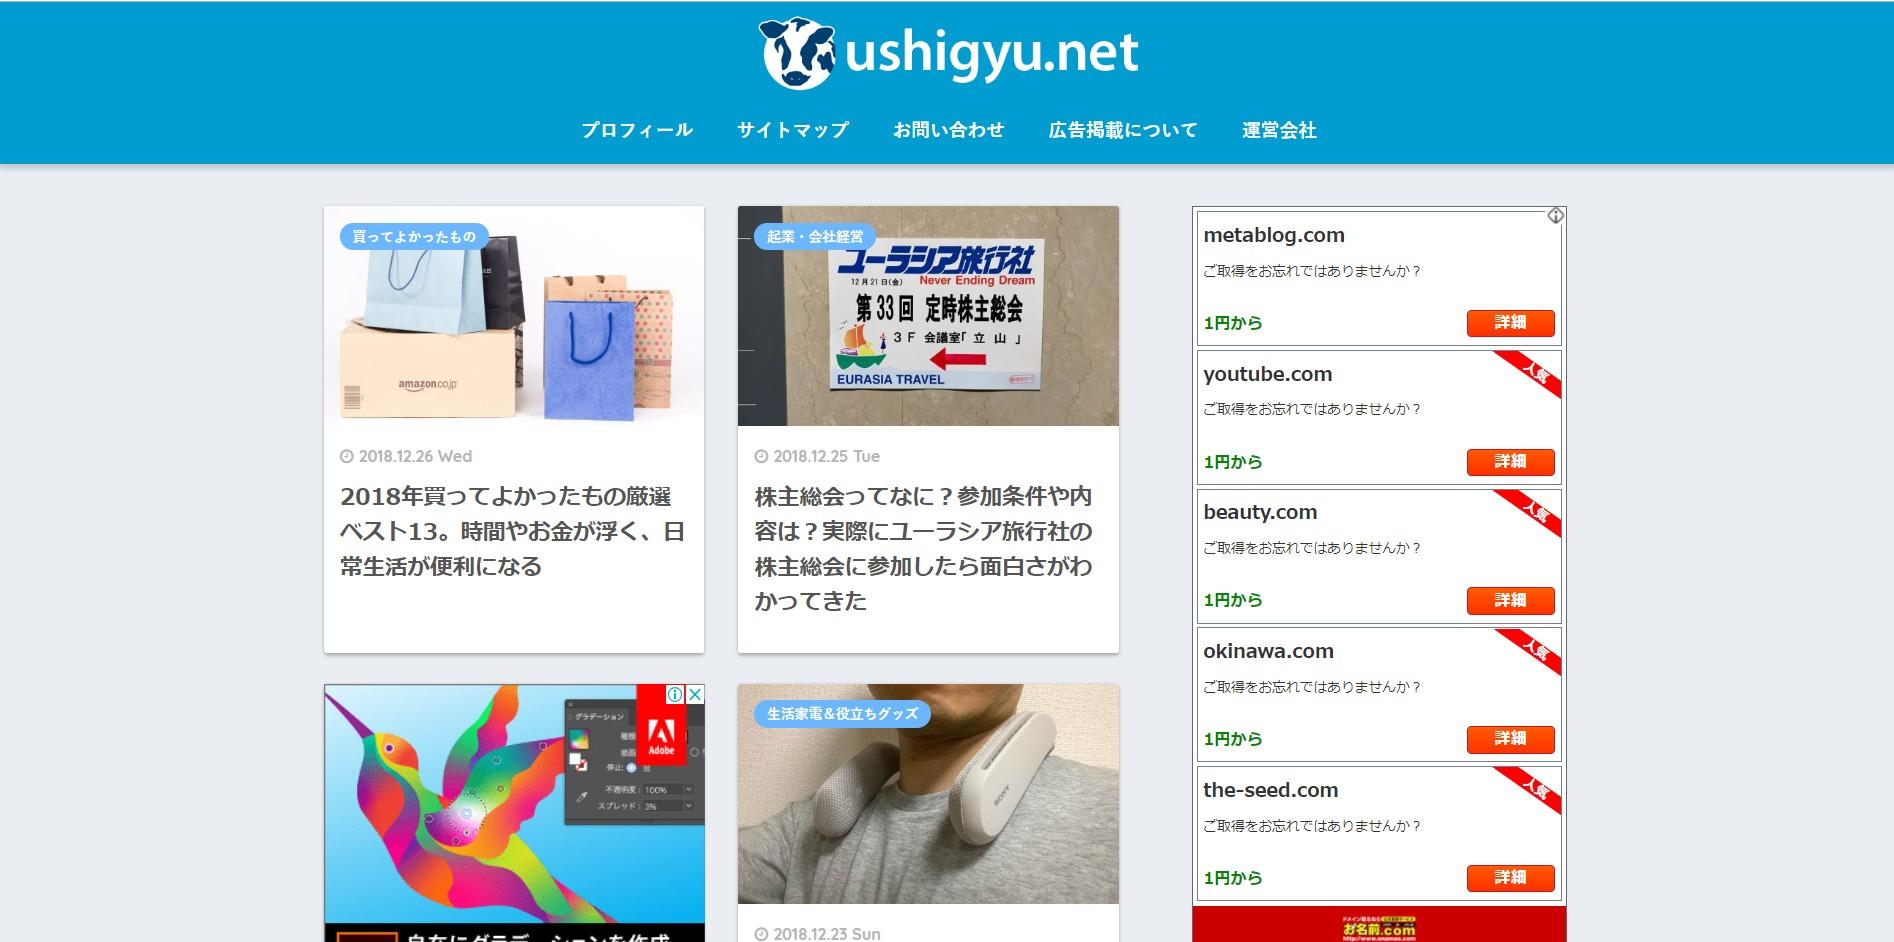 ushigyu-net